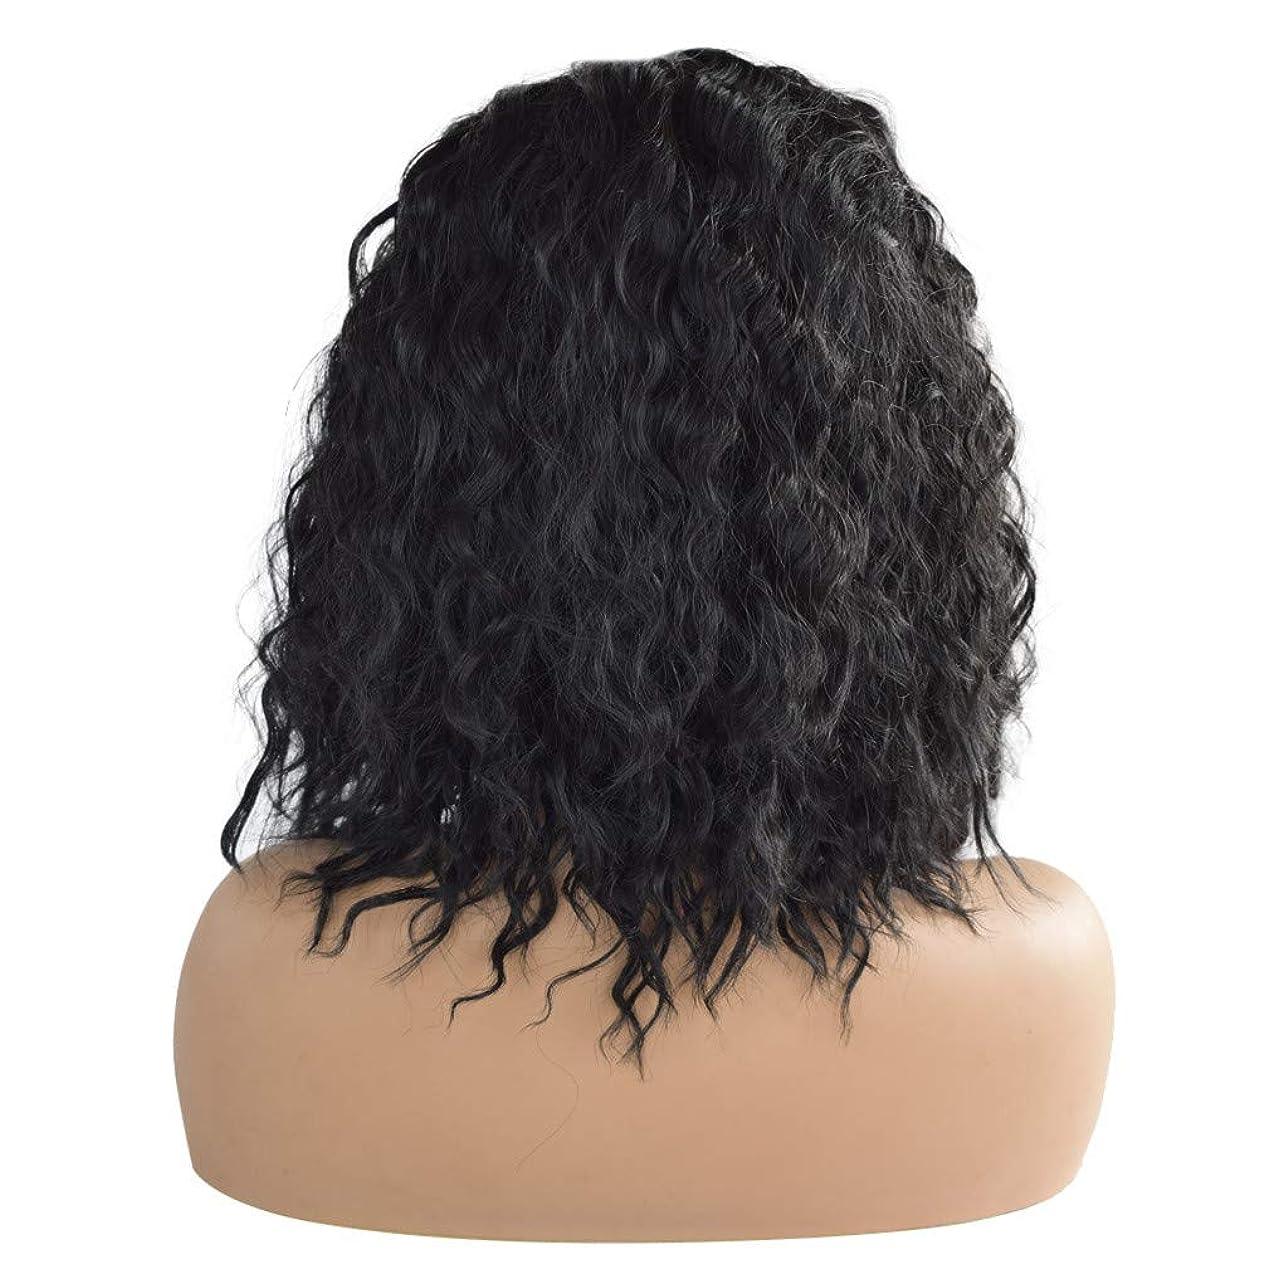 センチメートル登録技術的な黒の短い巻き毛のフロントレース化学繊維かつら18インチ